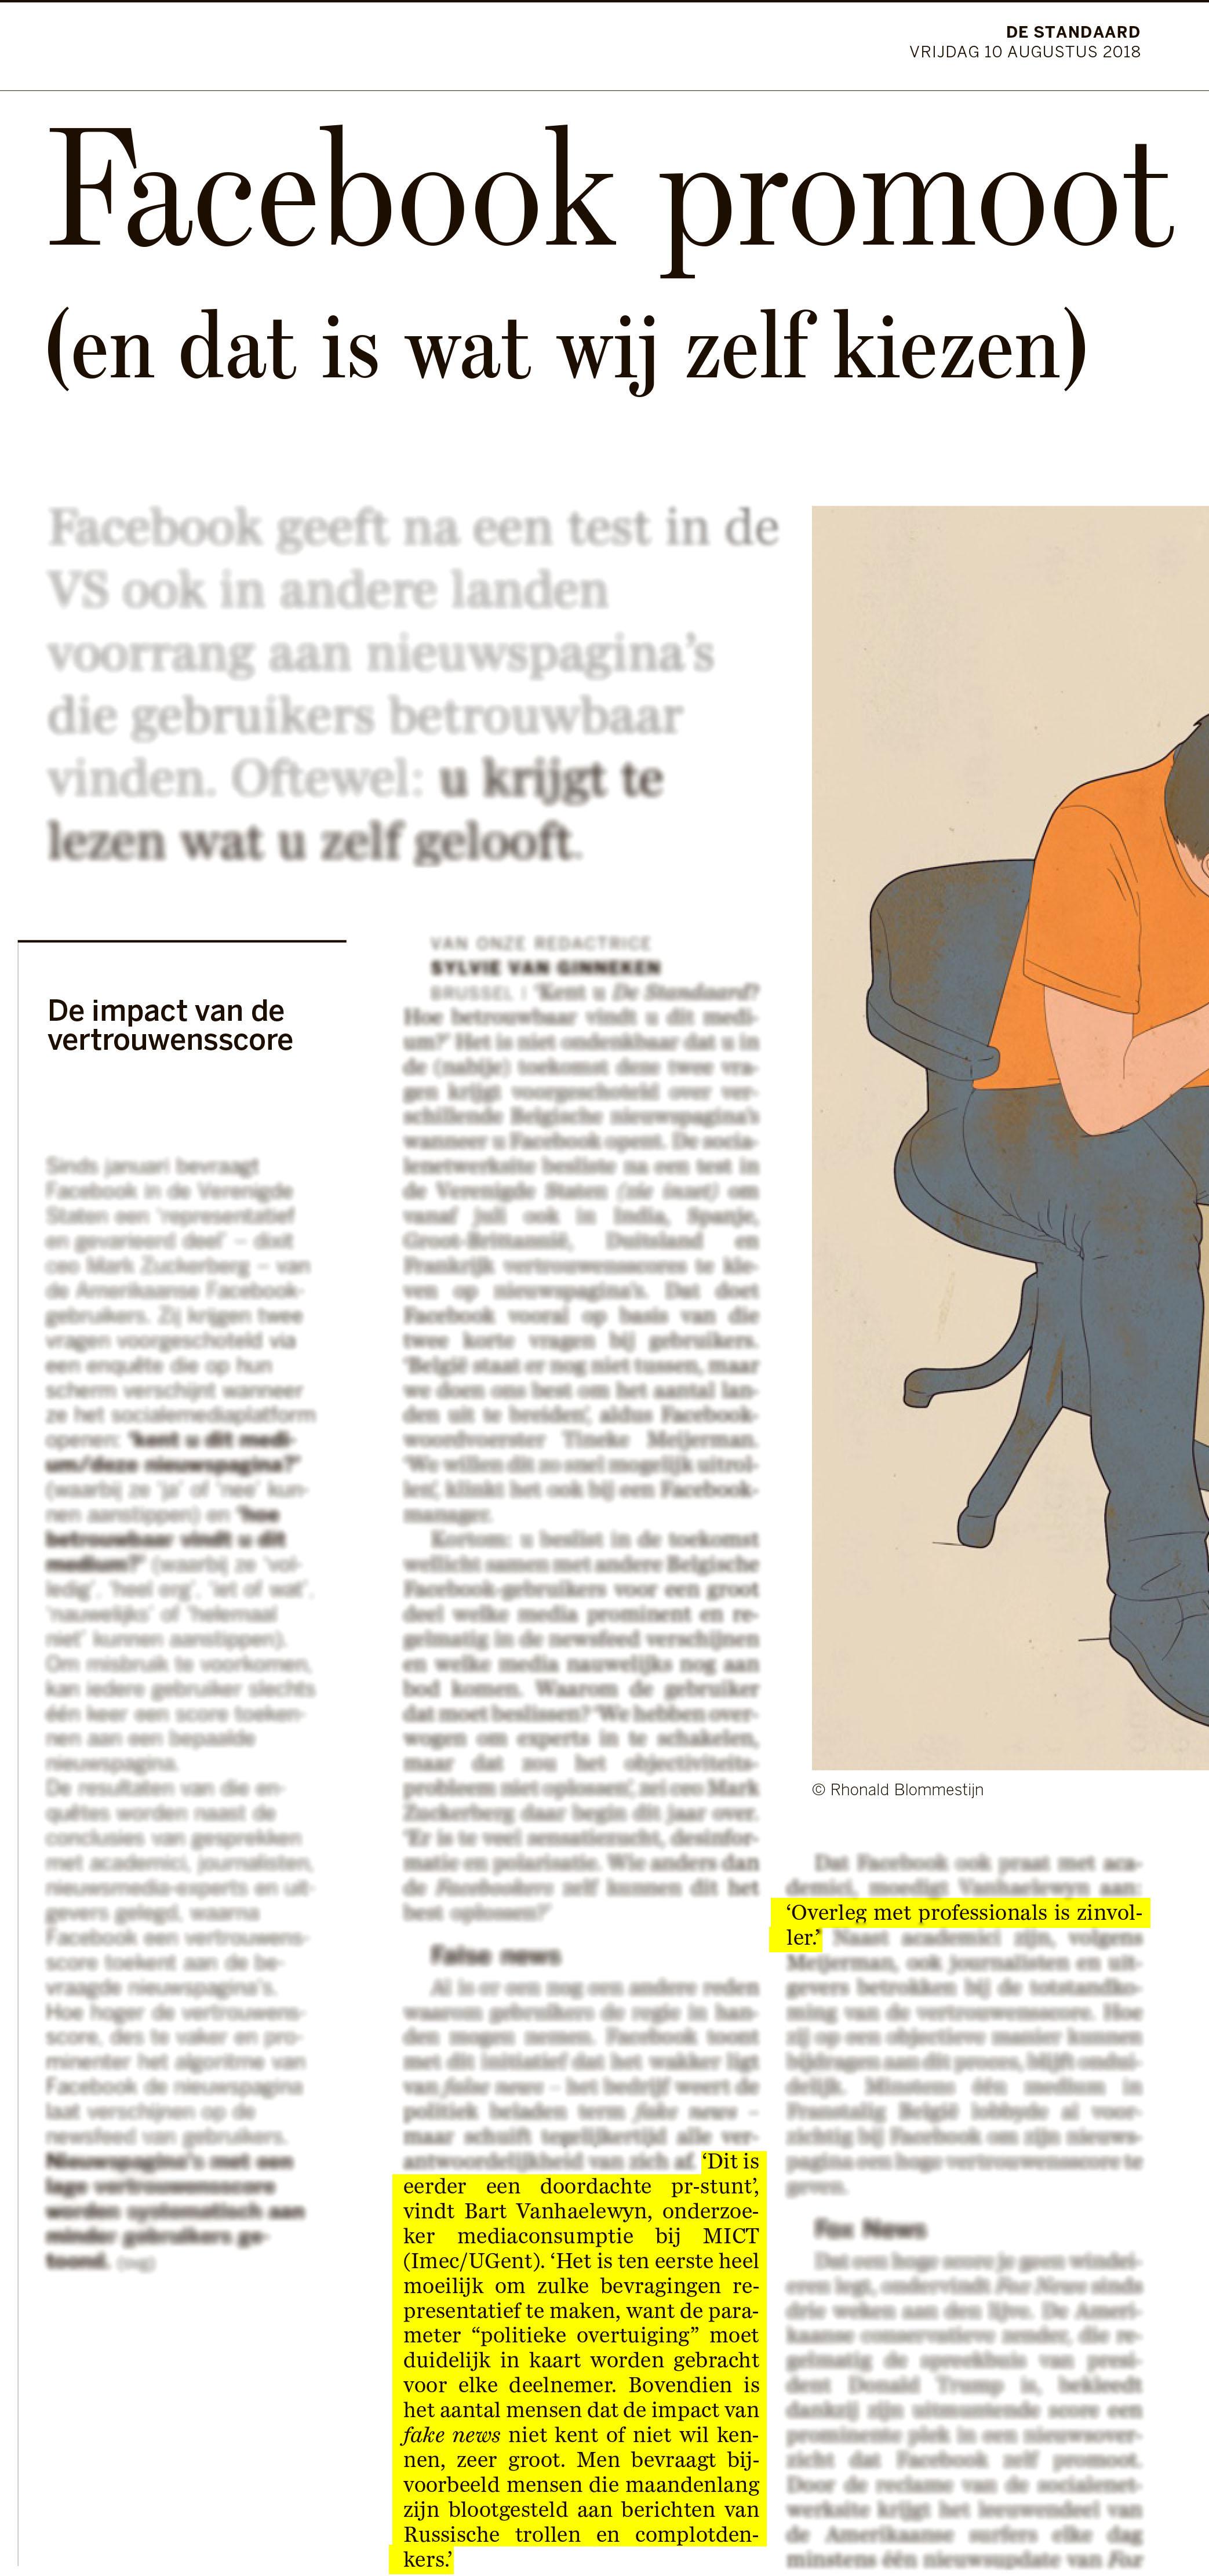 BRON: De Standaard, 10/08/2018, p 2